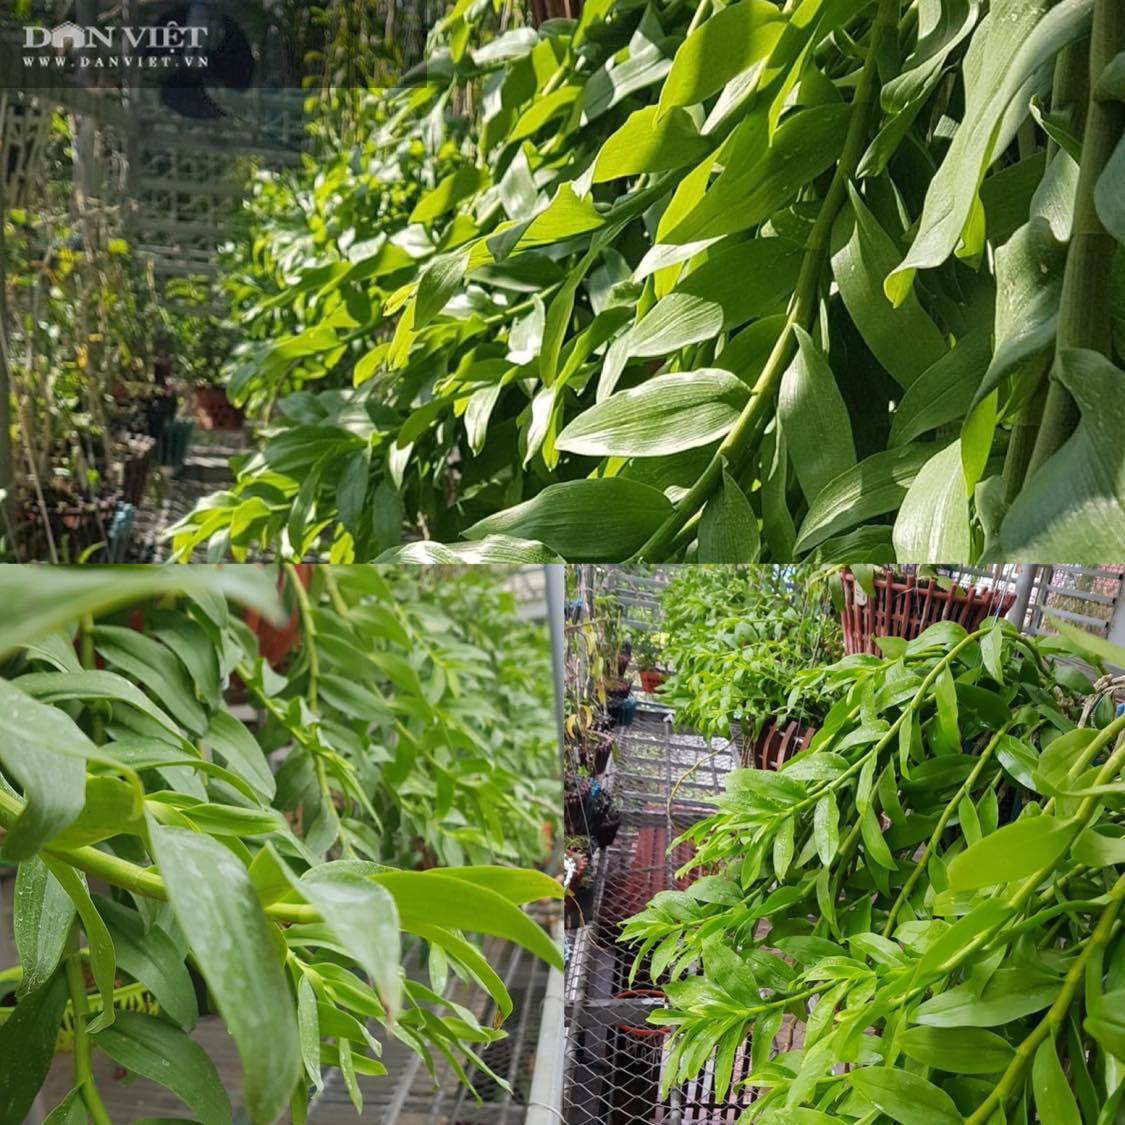 """Thái Bình: Ông chủ vườn lan đột biến """"khủng"""" treo đầy hàng rào, nhiều chậu tiền tỉ nhìn phát thèm - Ảnh 11."""